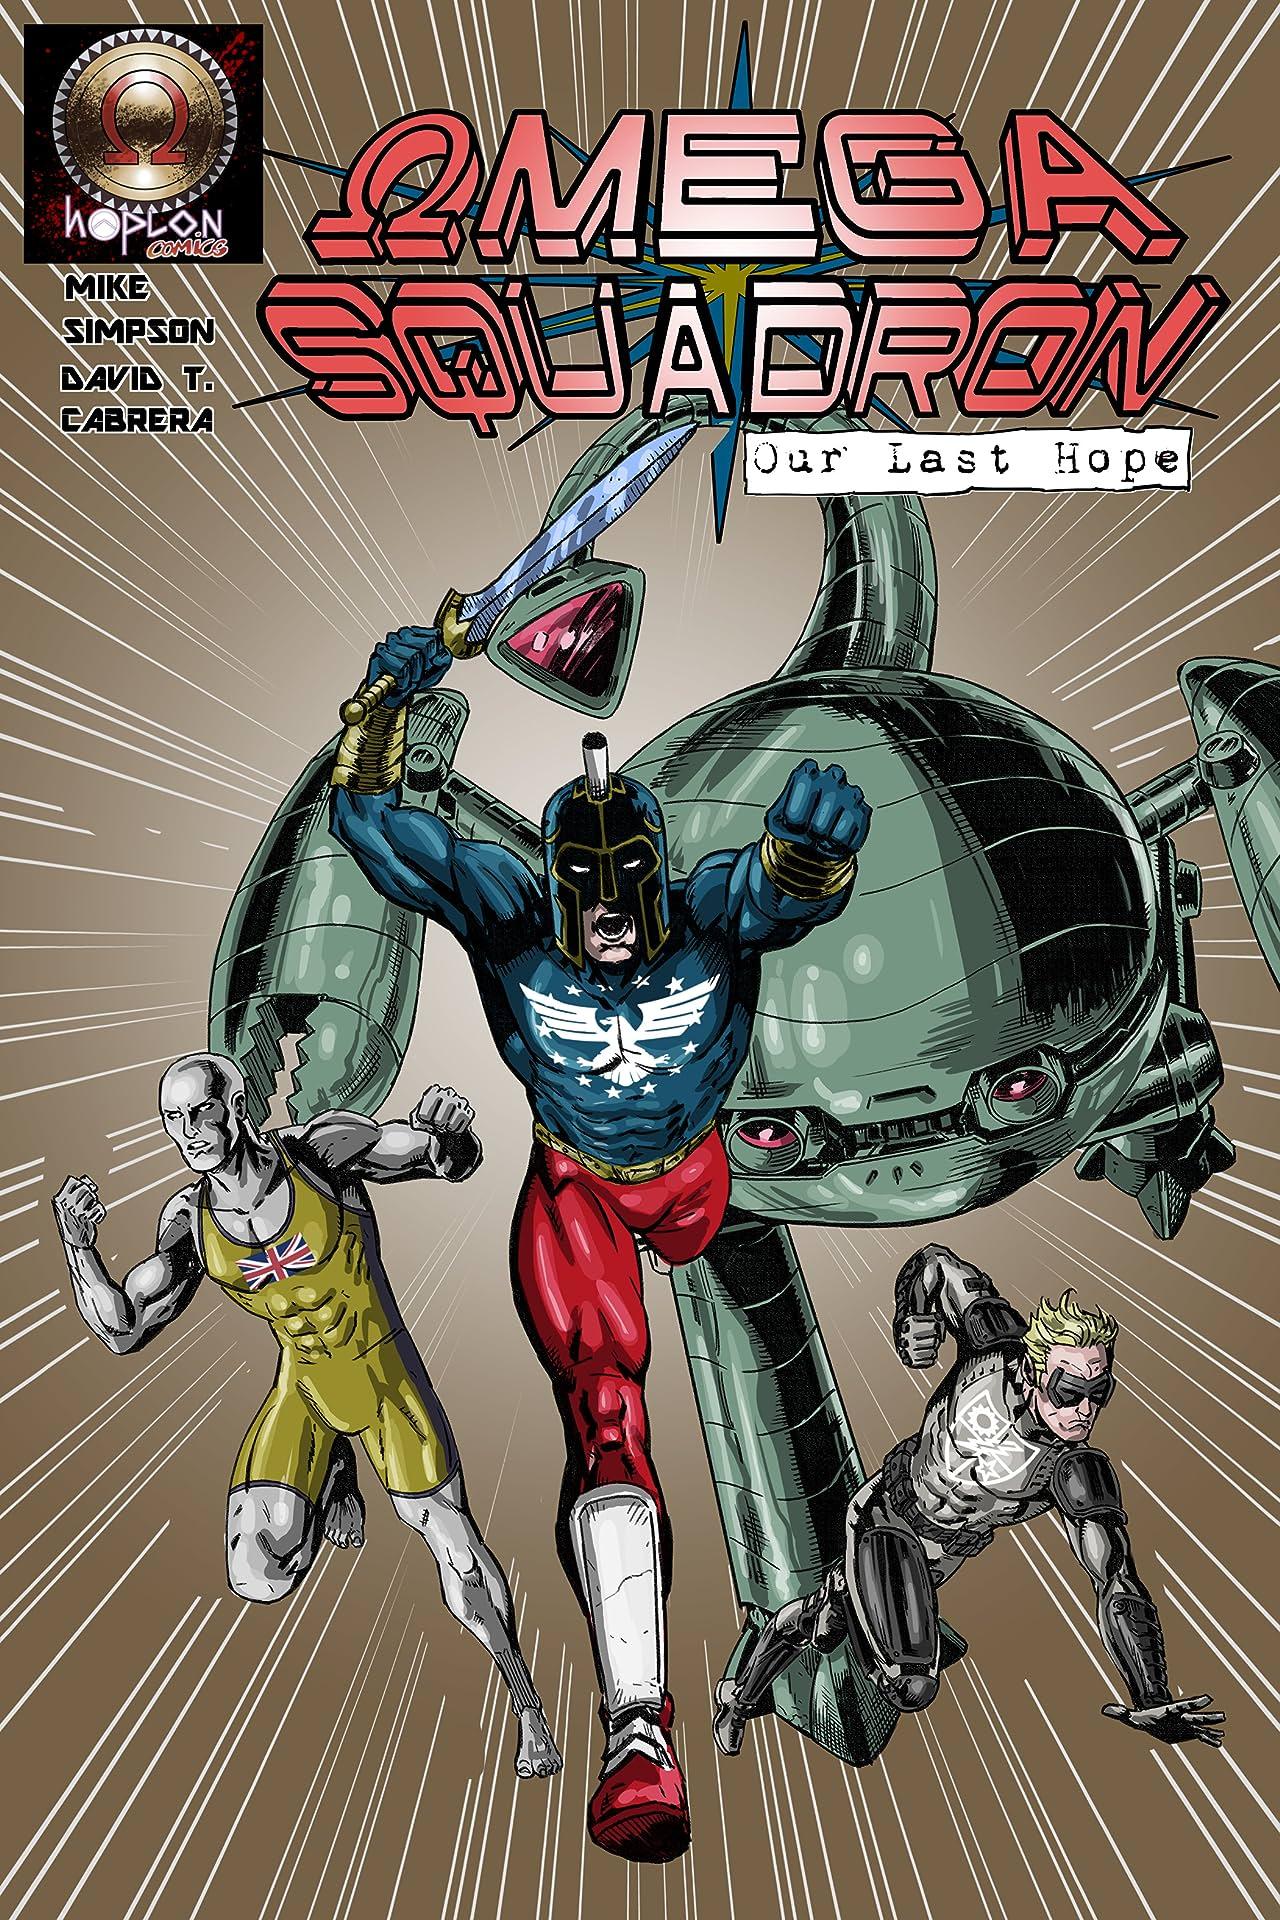 Omega Squadron #1